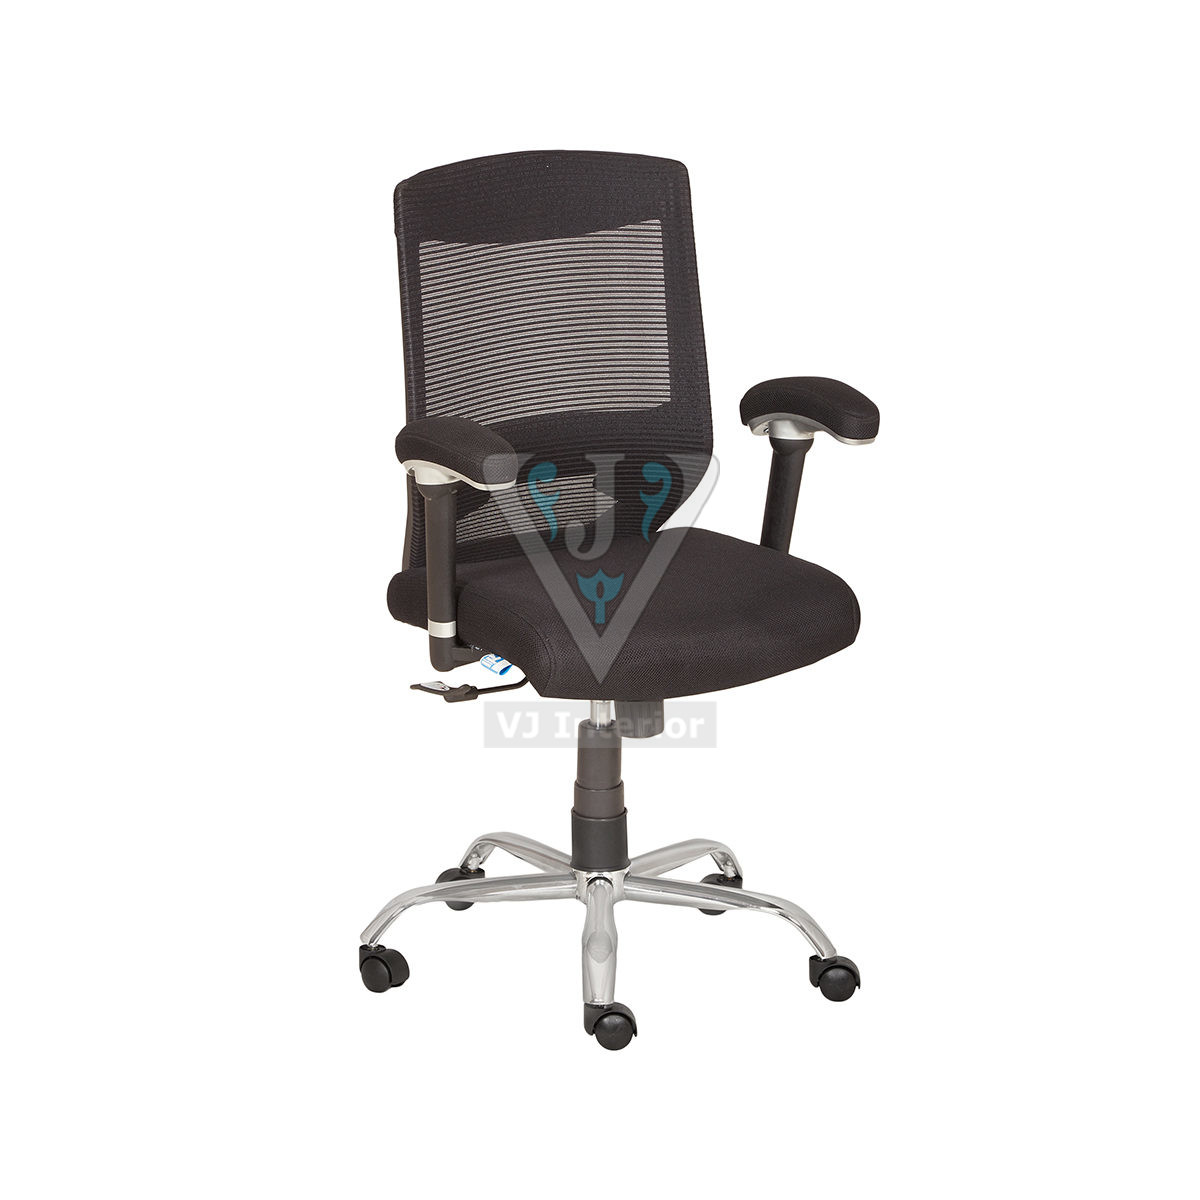 White Wheelbase Mesh Office Chair